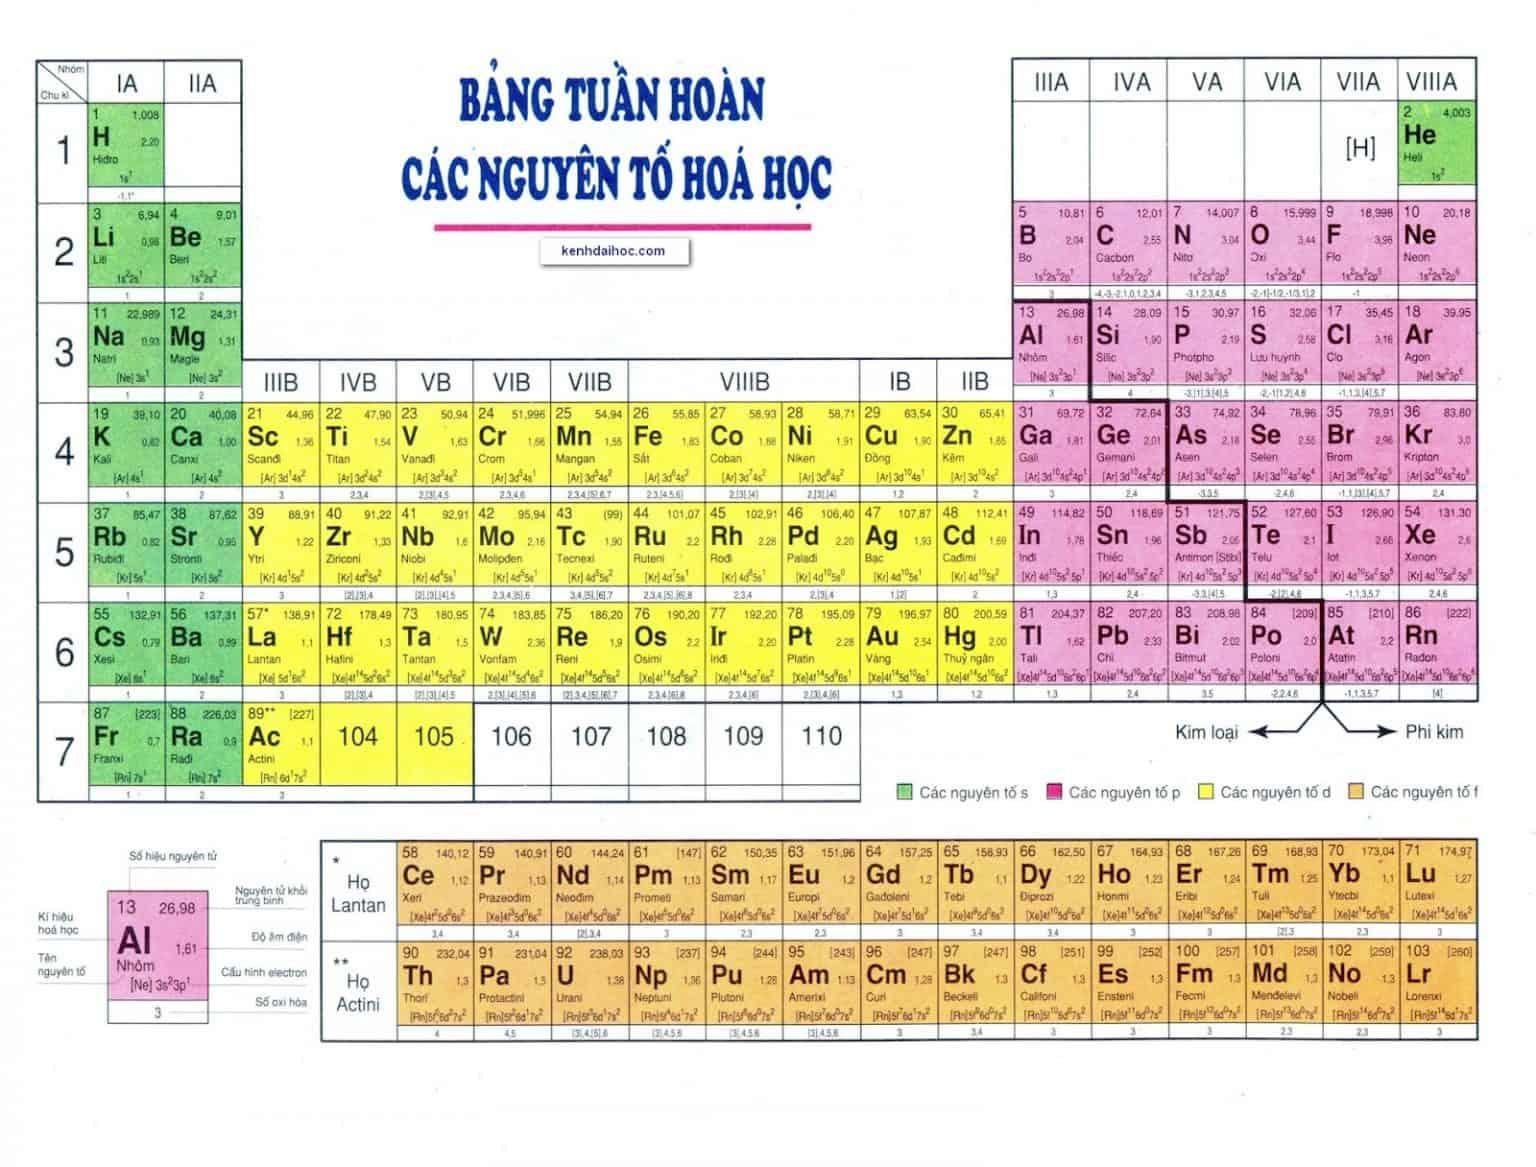 Bảng tuần hoàn các nguyên tố hóa học lớp 8, 9, 10 mới nhất!